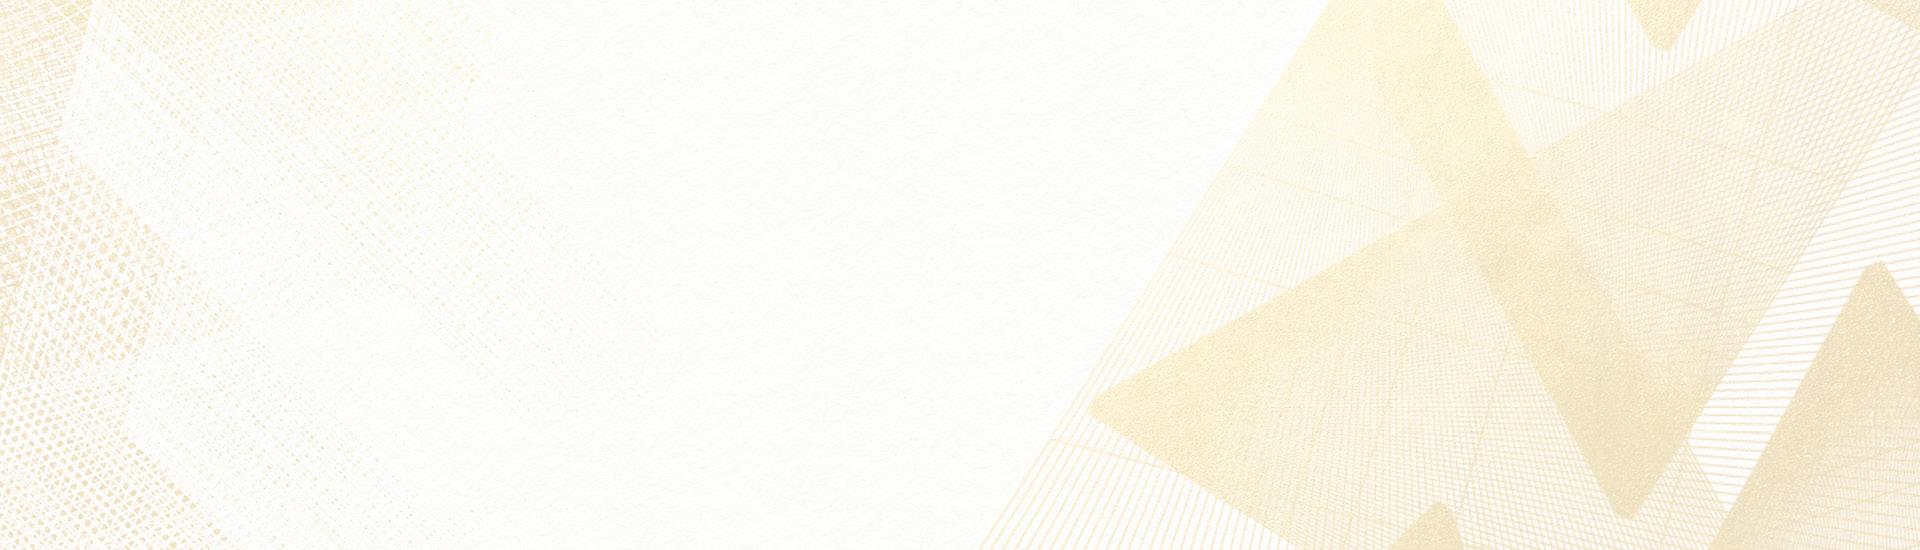 Weine - Vinoramas Pakete-Vielfalt: 12+1 GRATIS Magnum bzw. 5+1 GRATIS 05/2021 - Slider